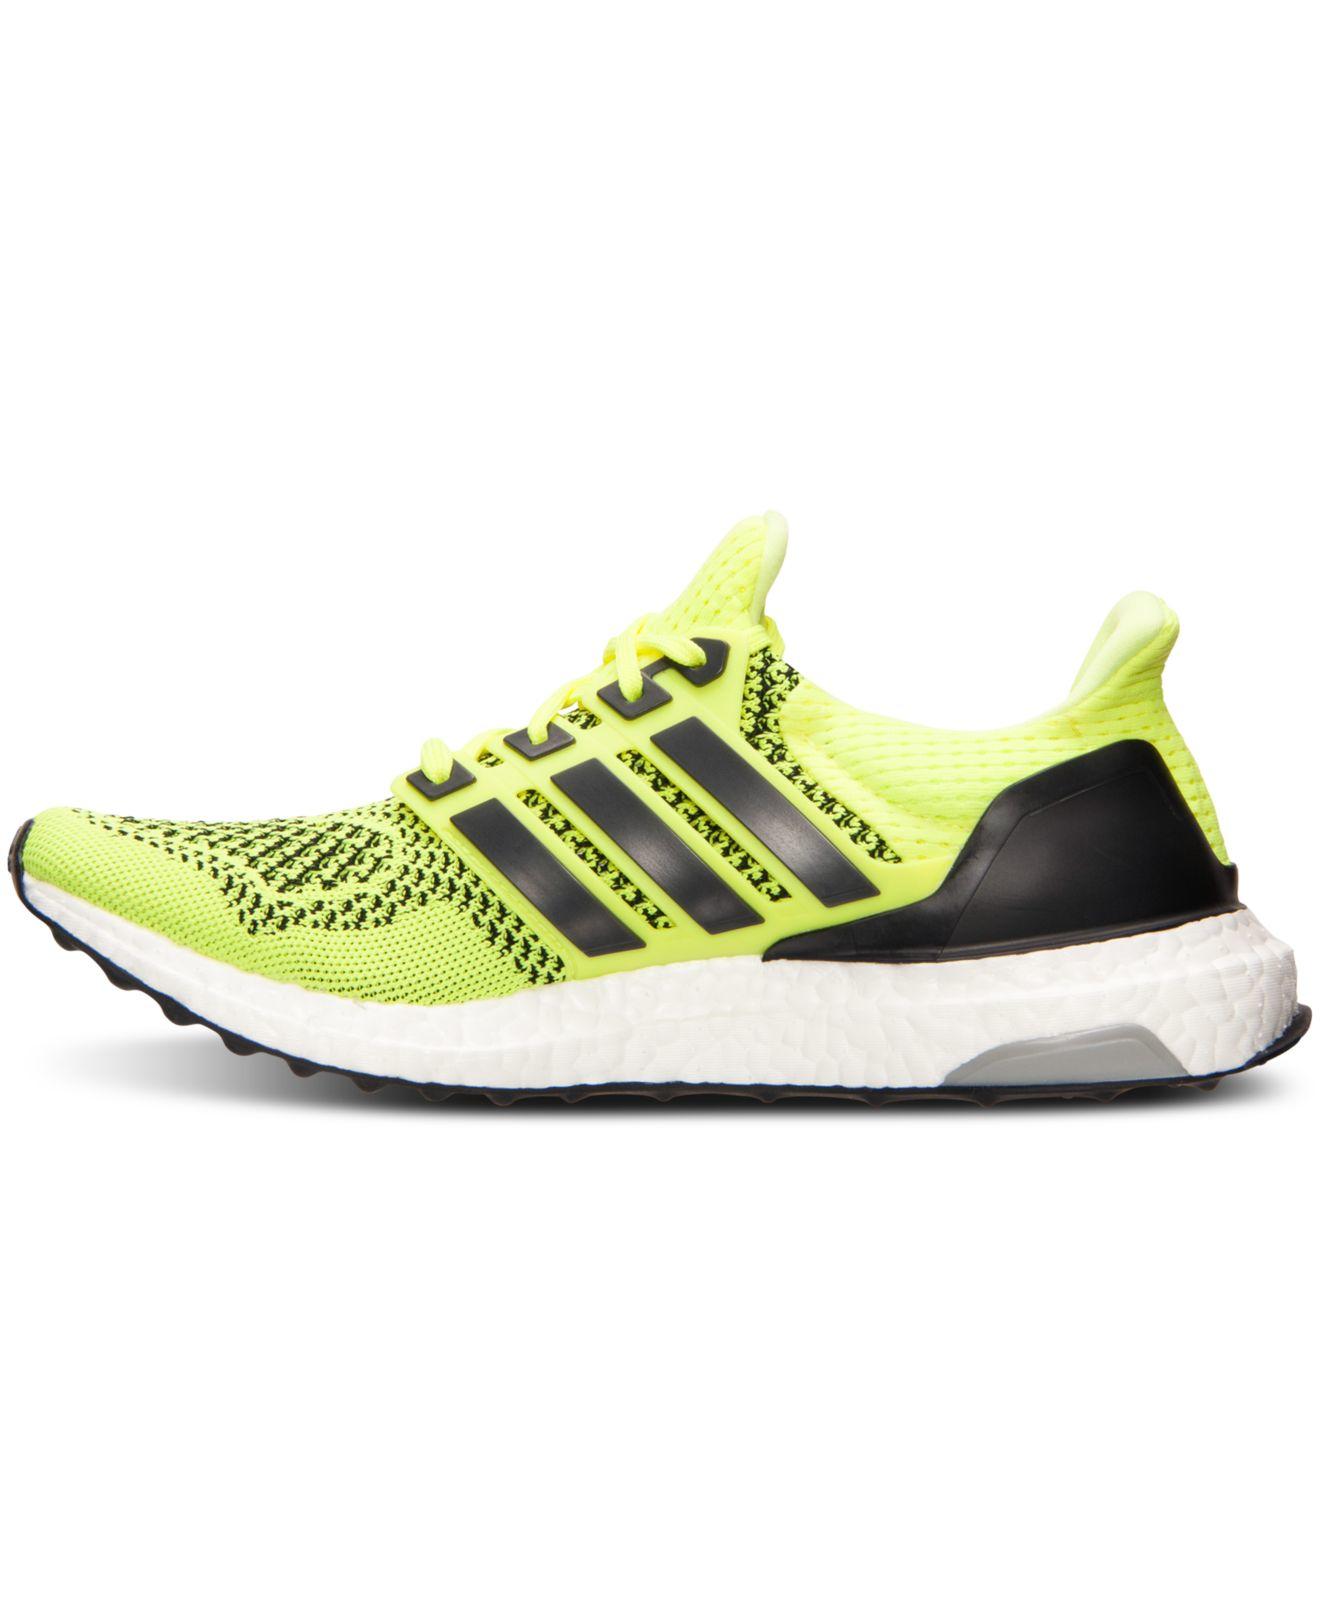 Adidas Boost 90 Kg